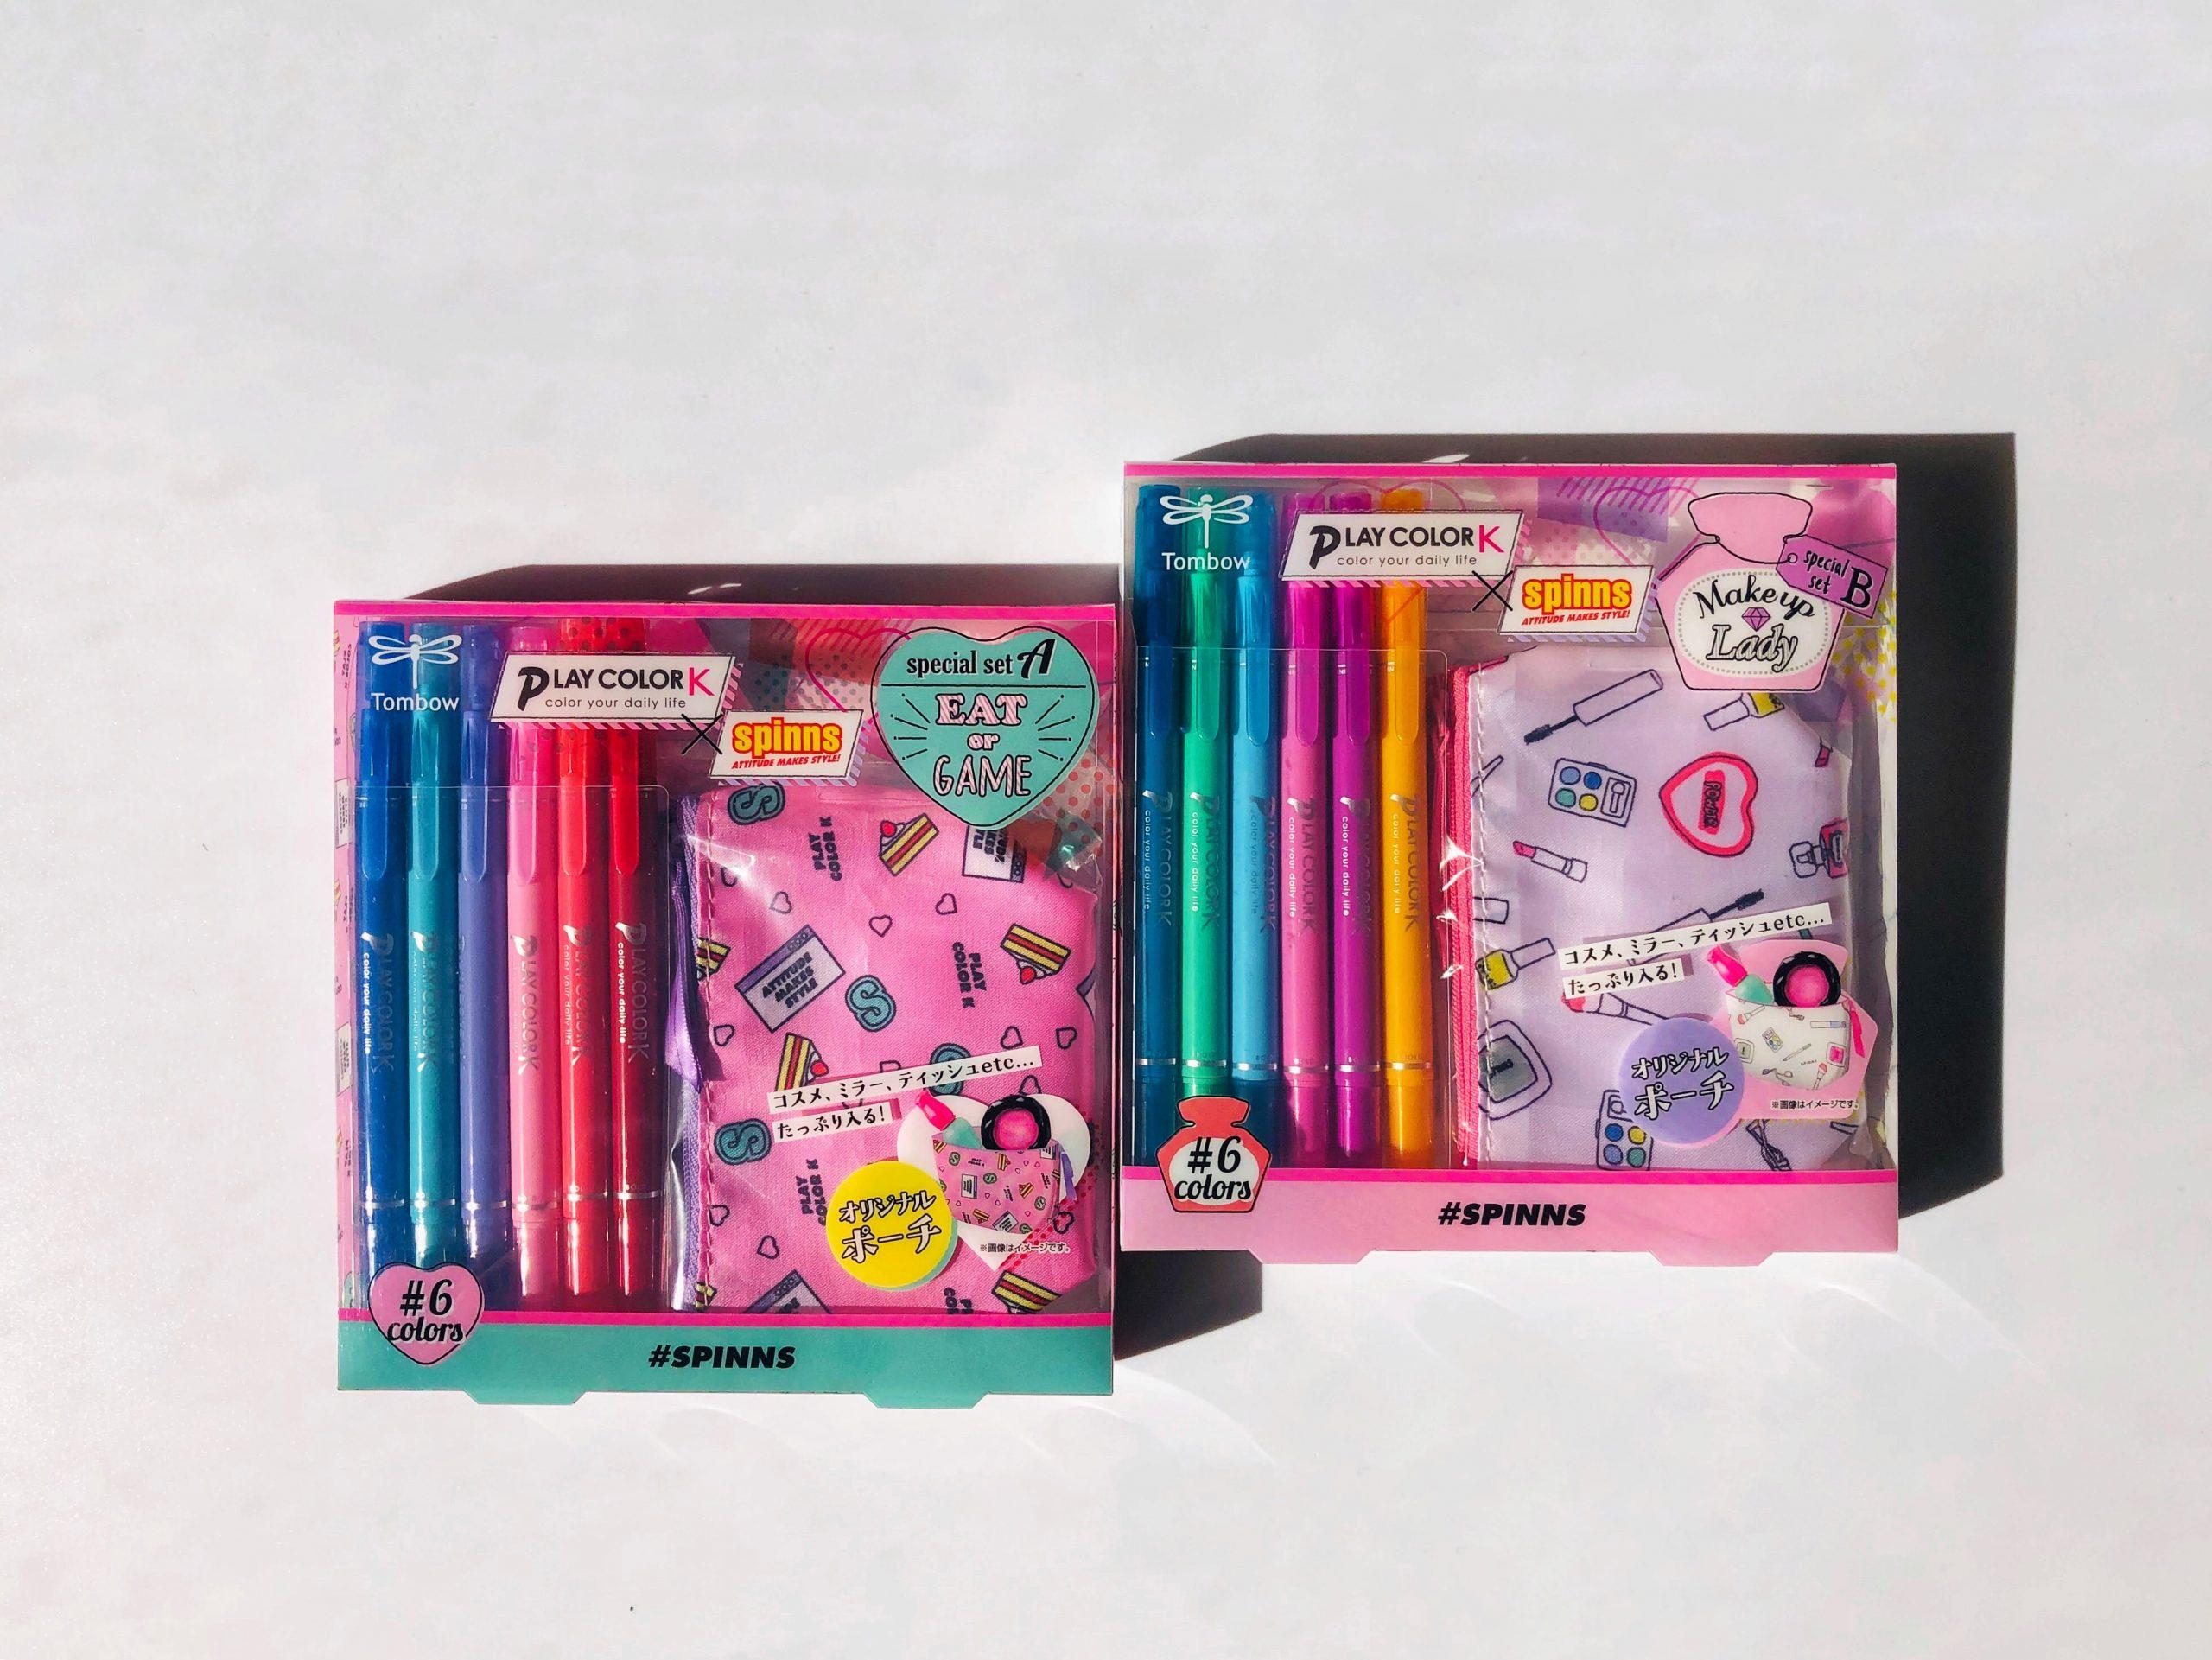 【トンボ鉛筆 プレイカラーK×SPINNS スペシャルセット】女子中高生に人気のブランドとコラボ